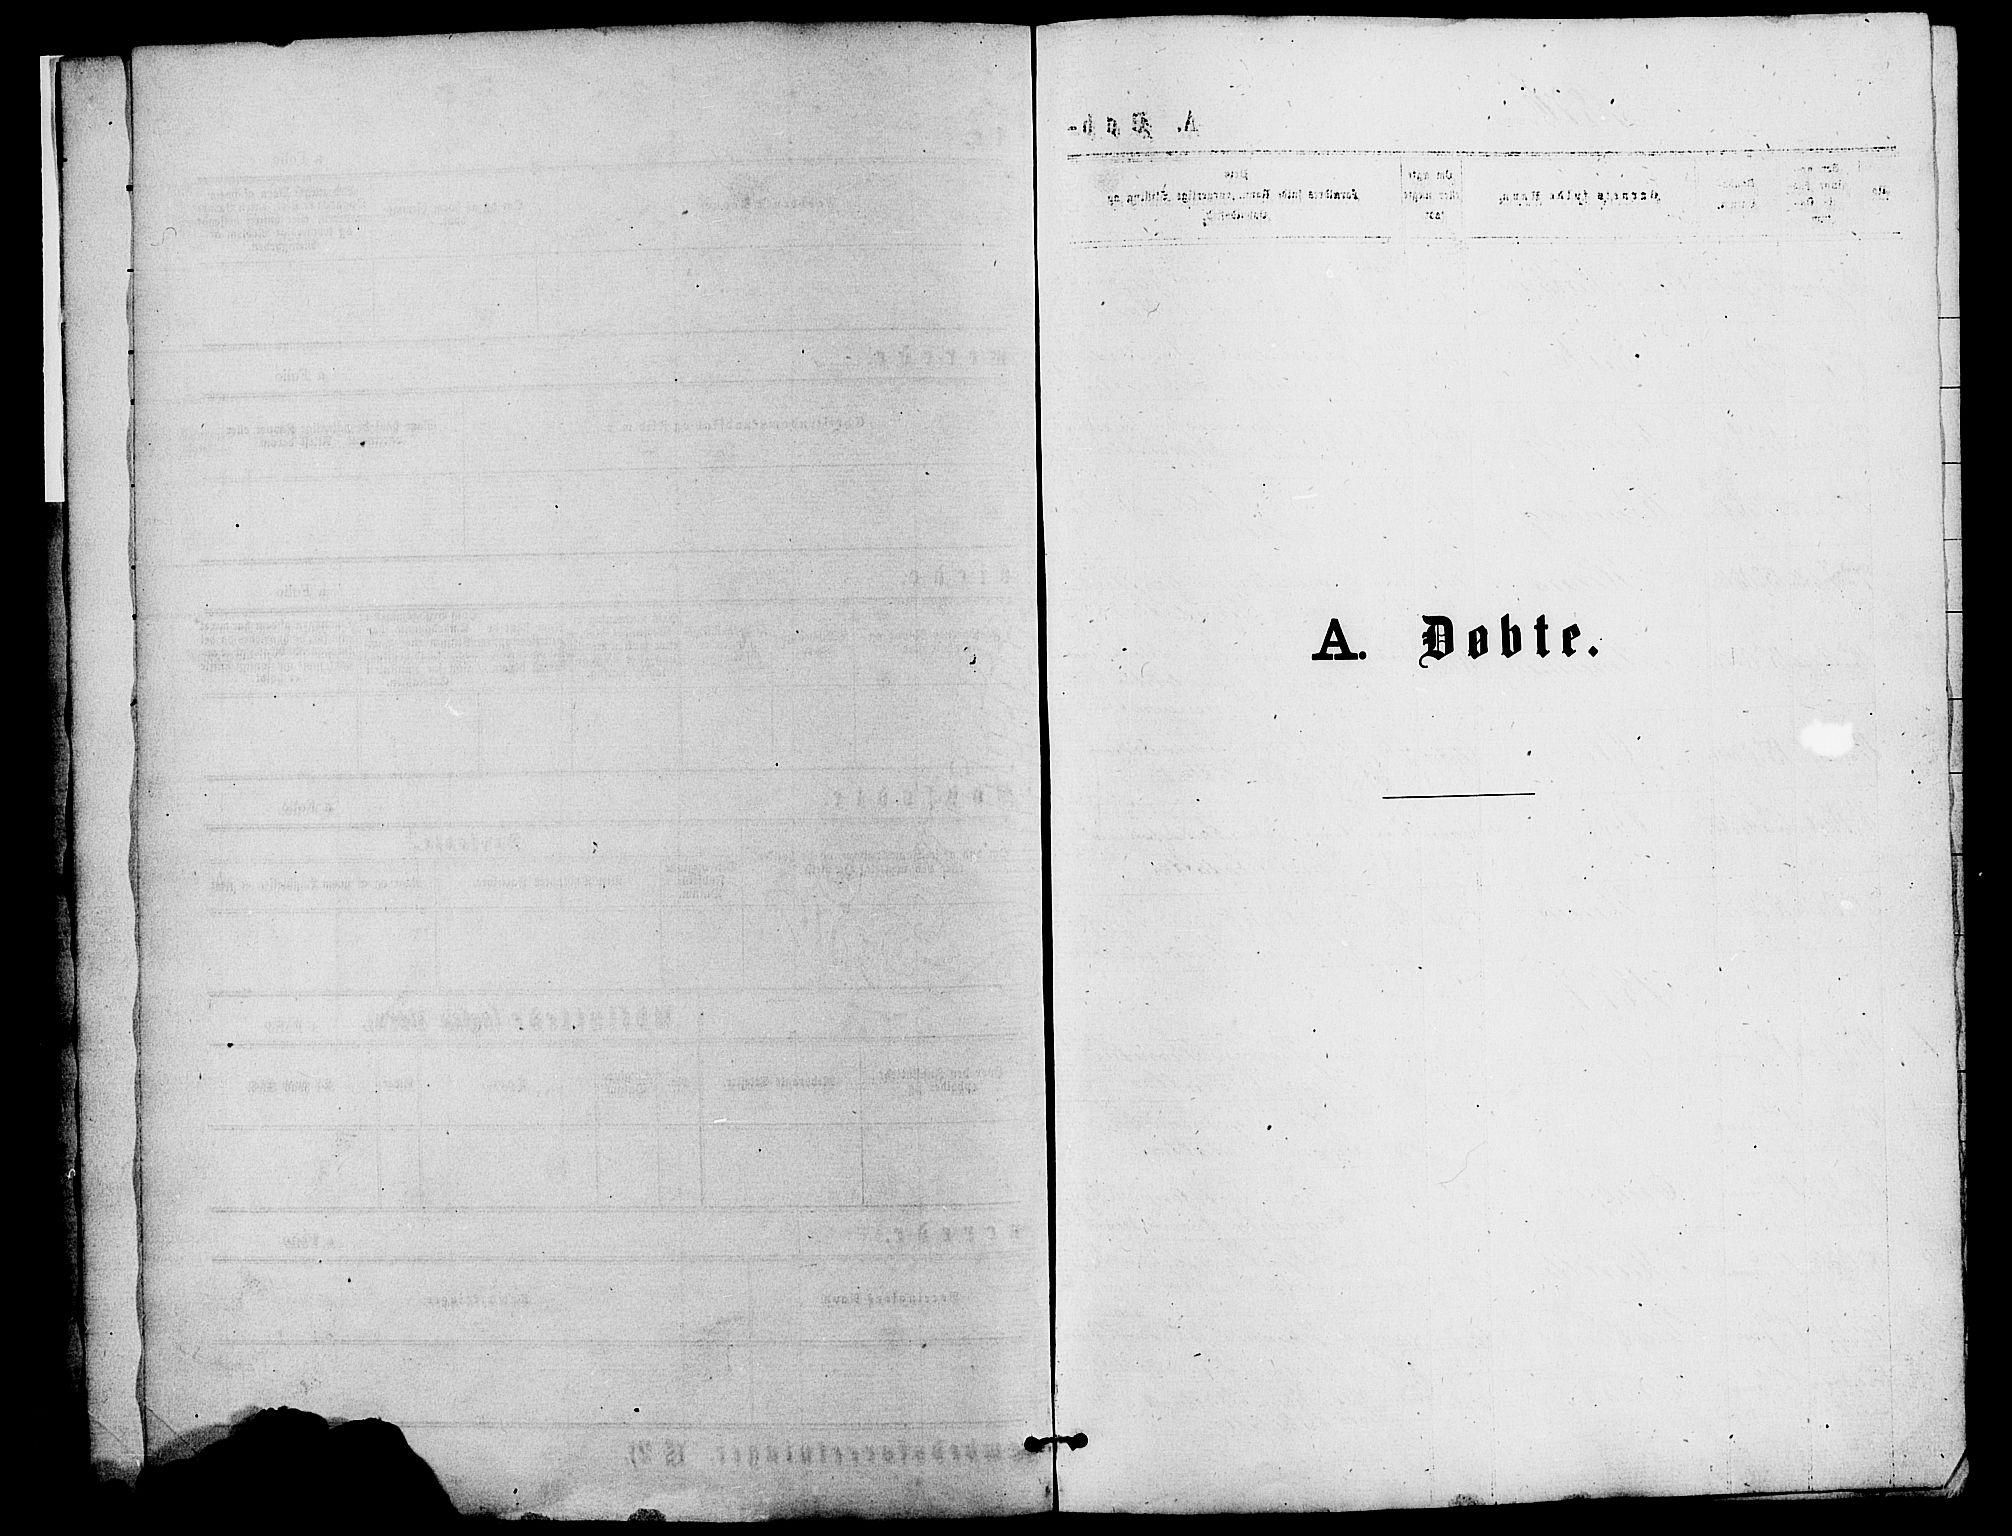 SAH, Lom prestekontor, L/L0005: Klokkerbok nr. 5, 1876-1901